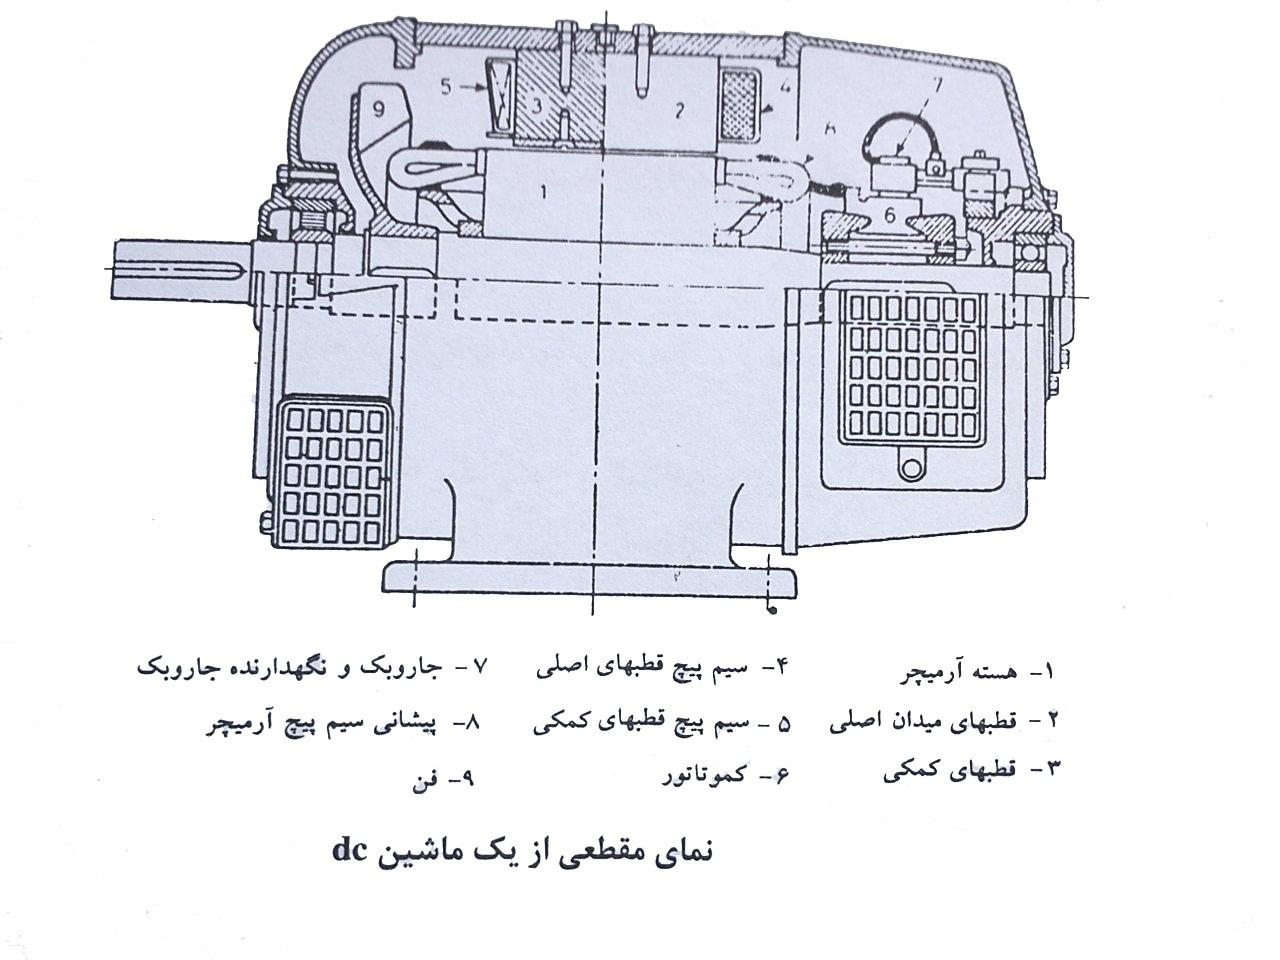 پایان نامه کنترل موتورهای DC با استفاده از مبدلهای AC به DC بهمراه فایلهای شبیه سازی متلب